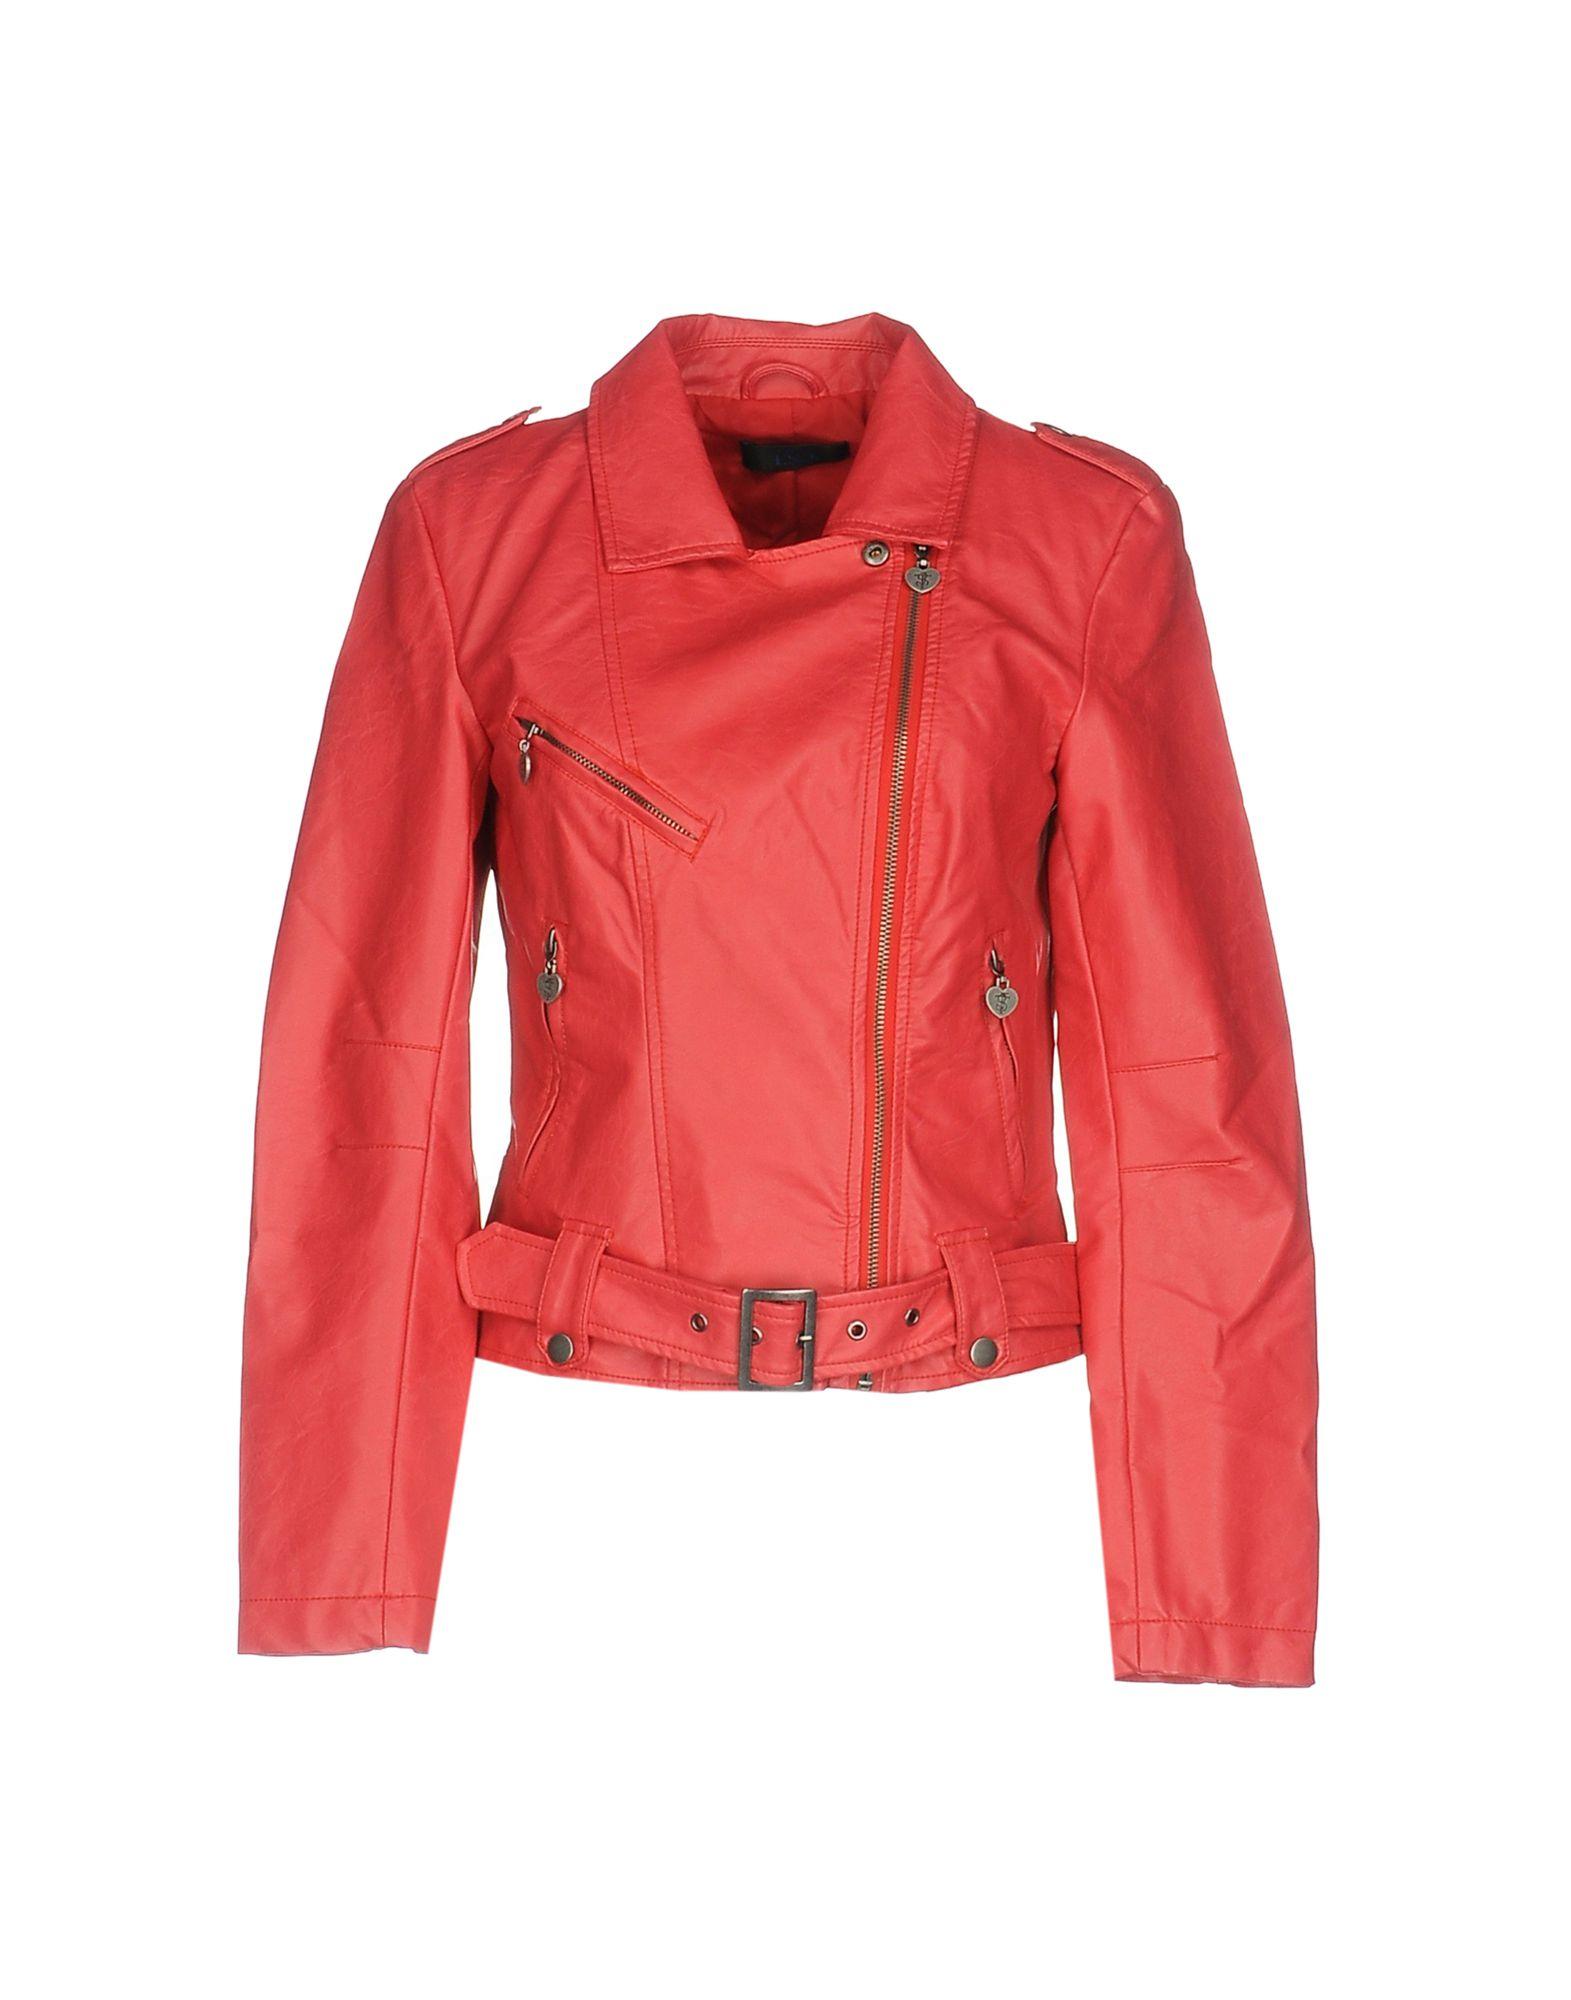 TWIN-SET JEANS Biker Jacket in Red